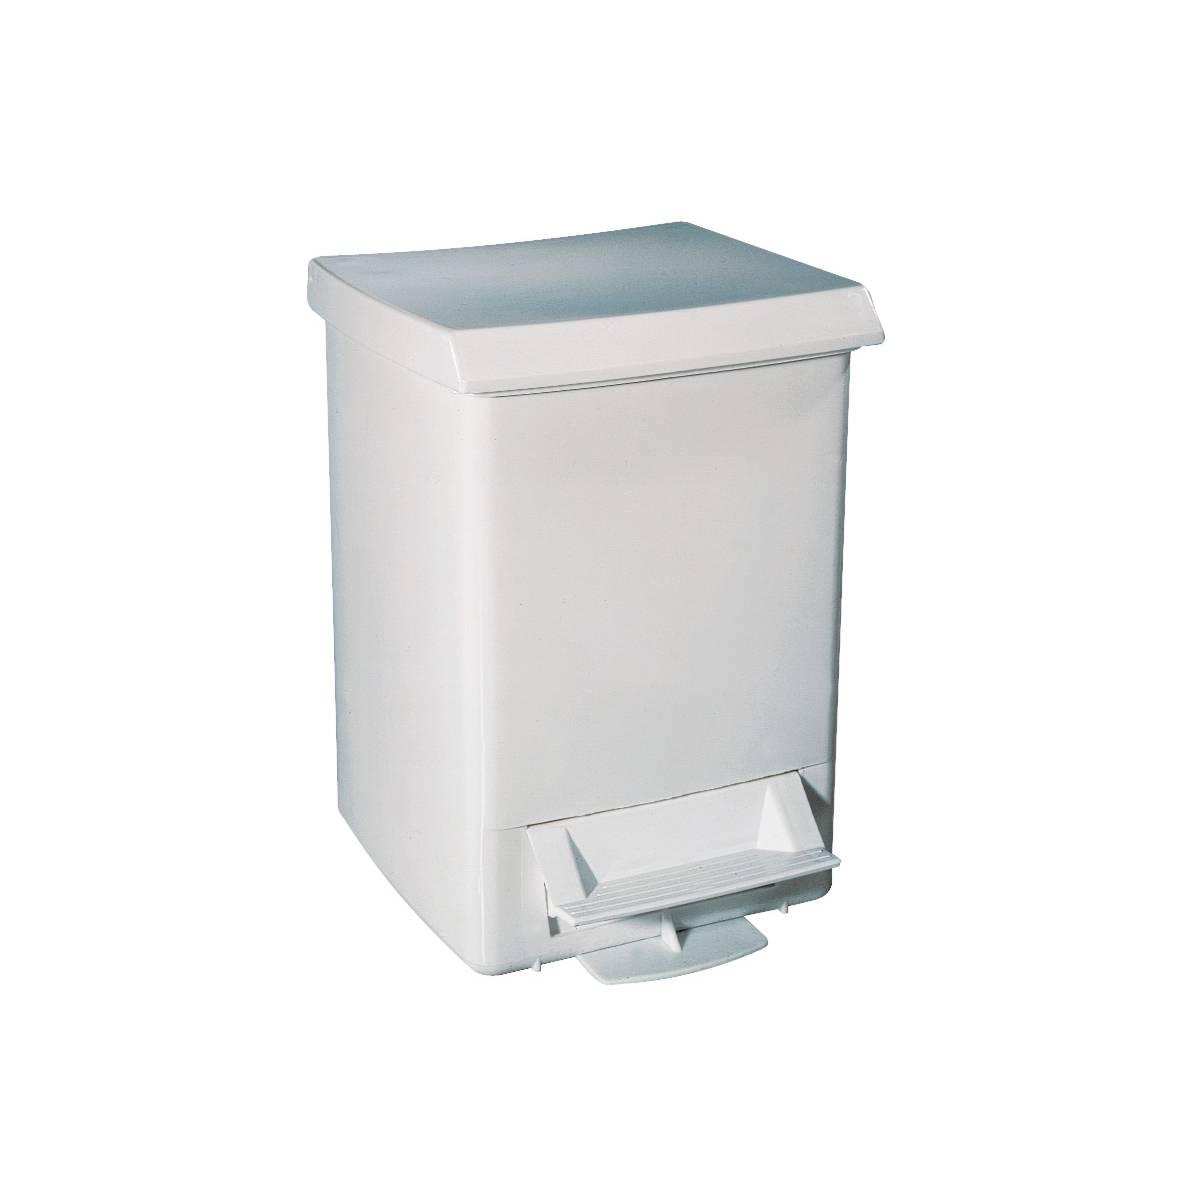 Урна для мусора с педалью 6л ACQUALBA (A51401) A51401 Mar Plast